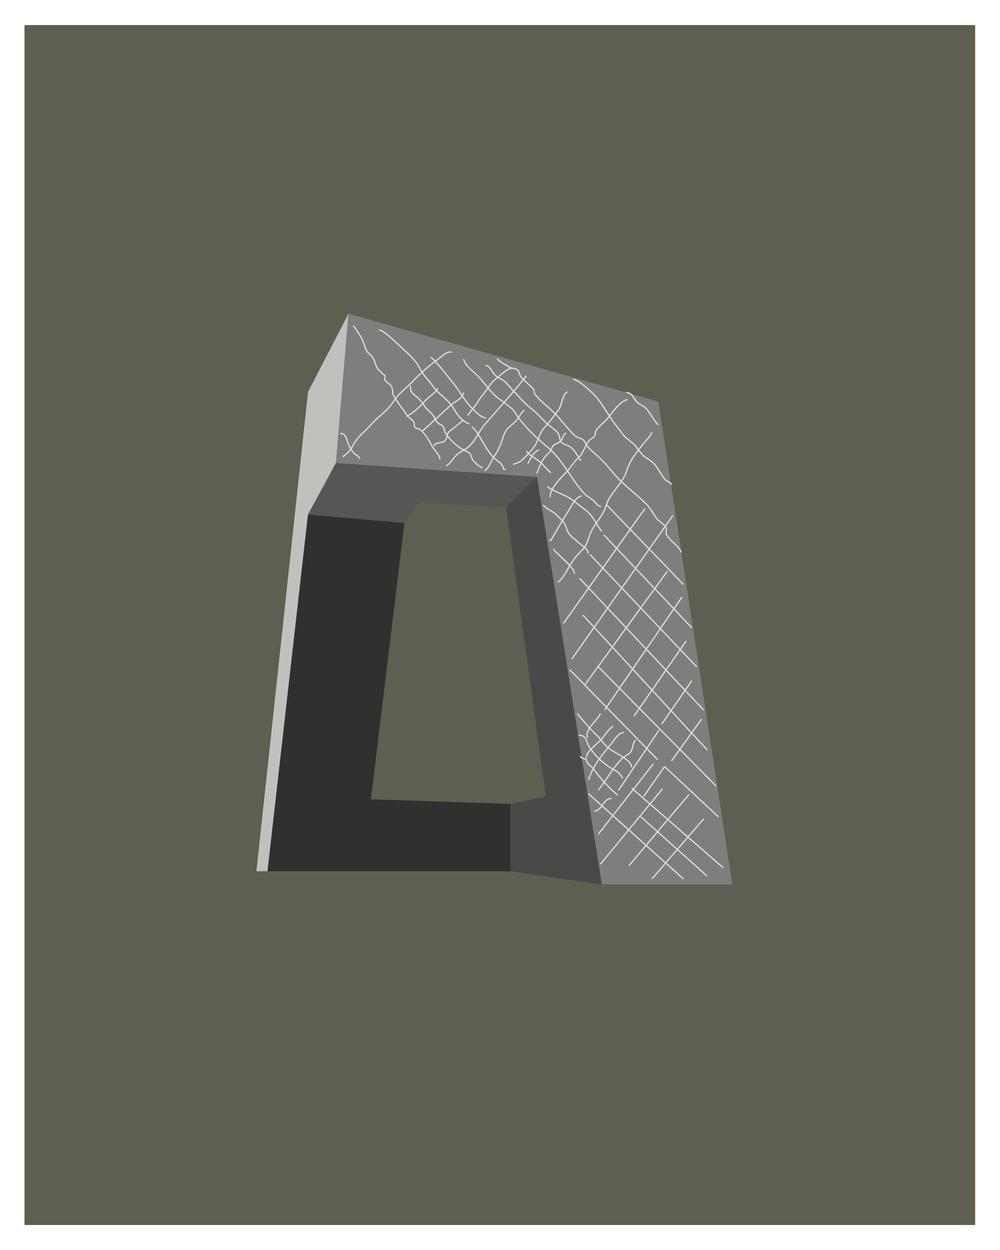 8x10_Koolhaas.jpg